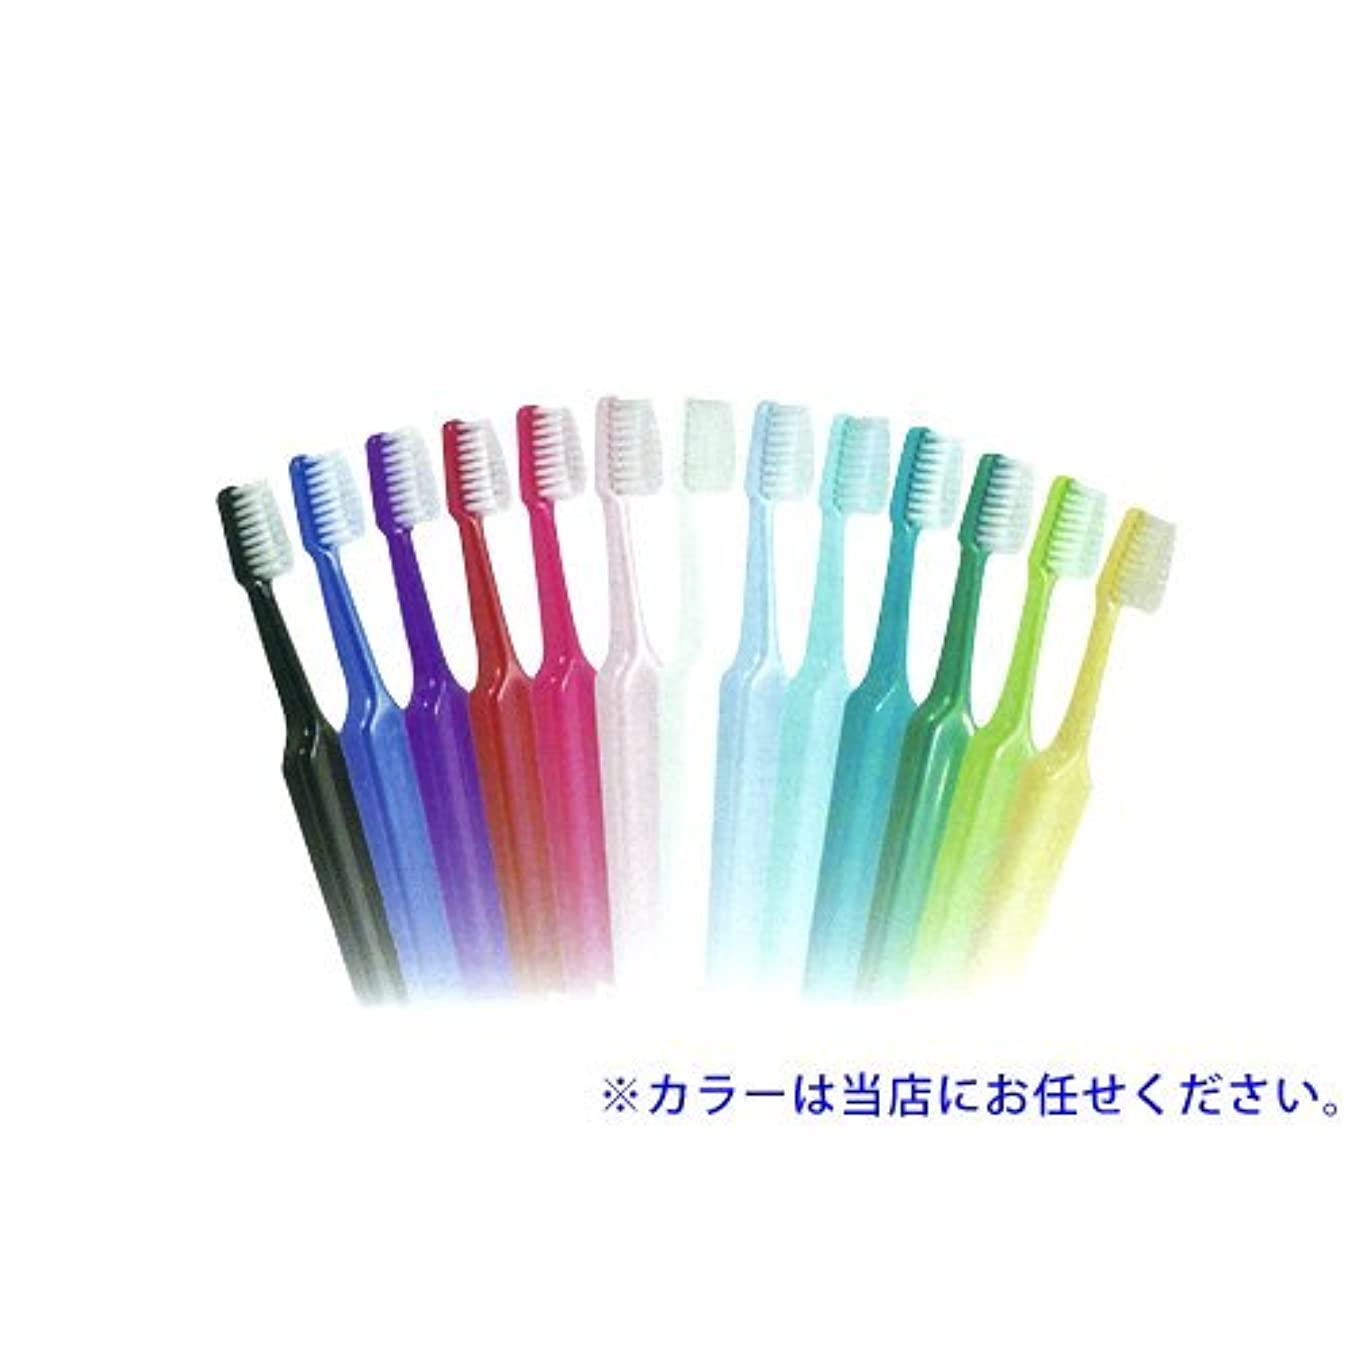 自分の力ですべてをする計算する光クロスフィールド TePe テペ セレクト 歯ブラシ 1本 エクストラソフト